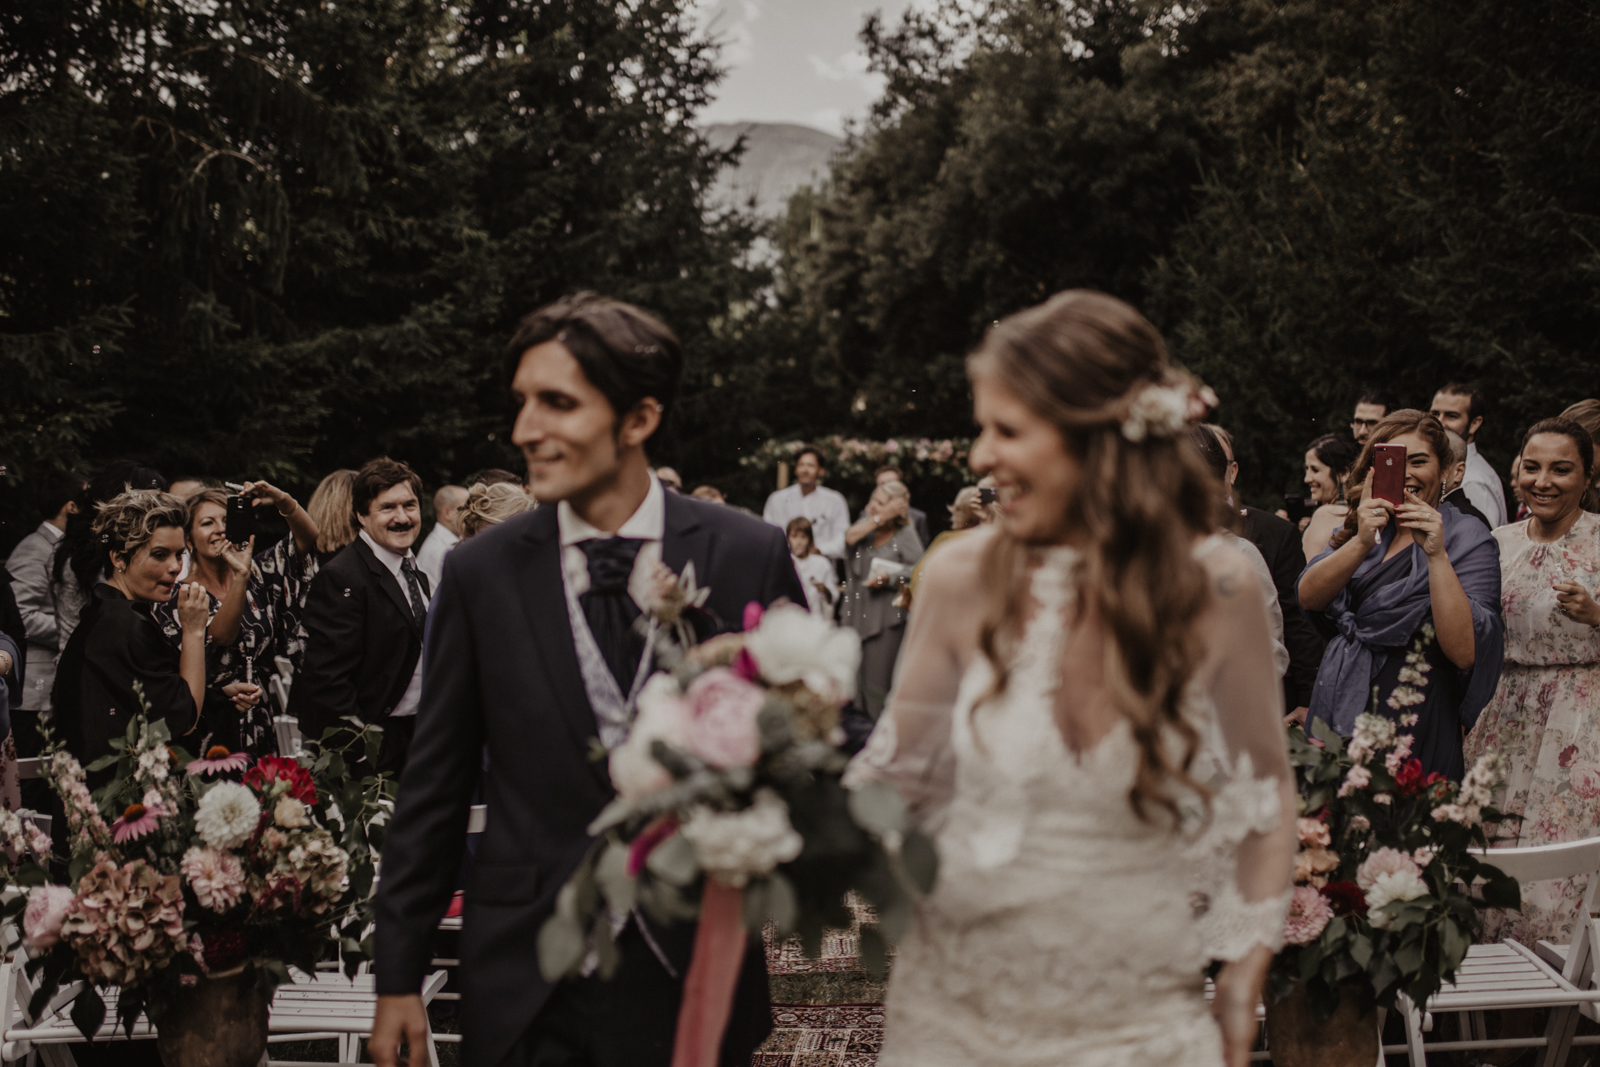 arroz, boda en la montaña, pareja feliz, fénix visual, love, video de boda,